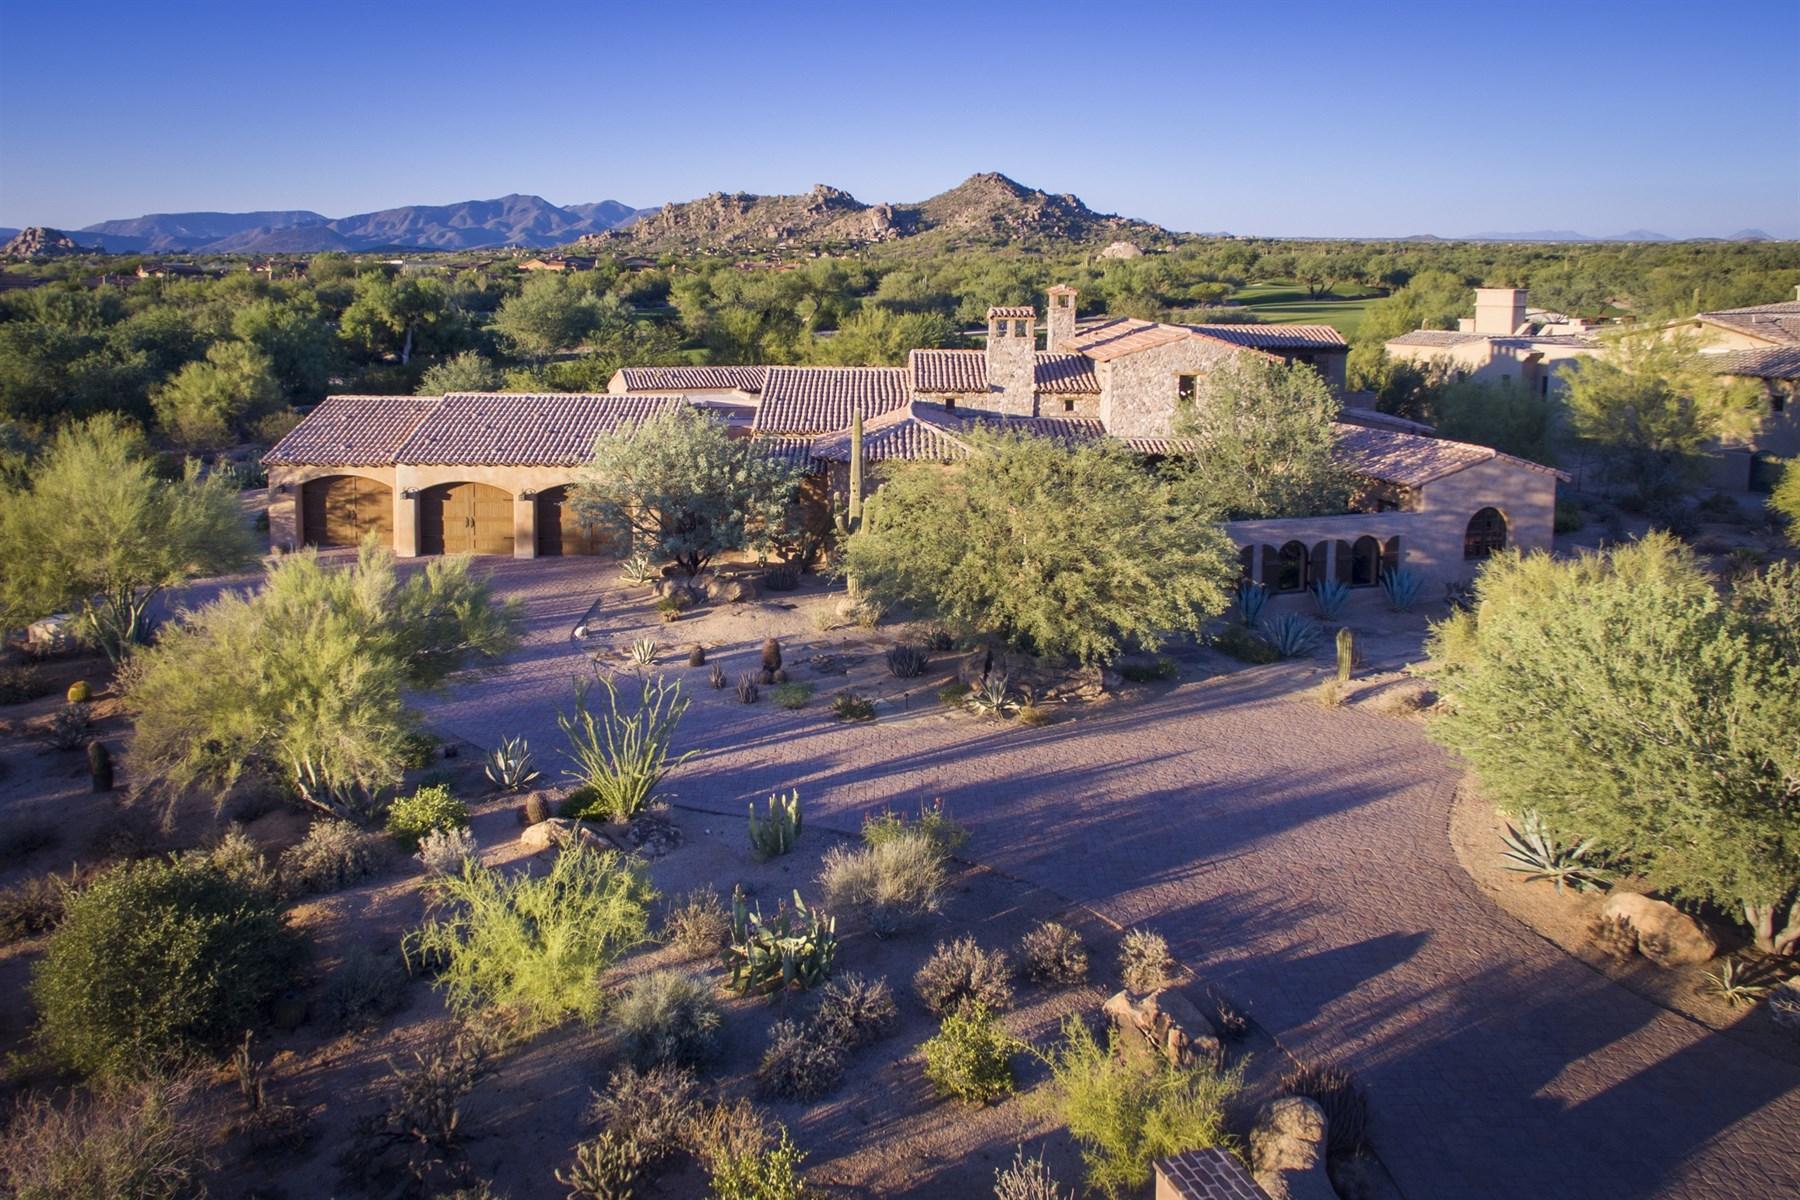 Einfamilienhaus für Verkauf beim Authentic Mediterranean on the renowned Whisper Rock Lower Golf Course 7326 E Sonoran Trl Scottsdale, Arizona, 85266 Vereinigte Staaten